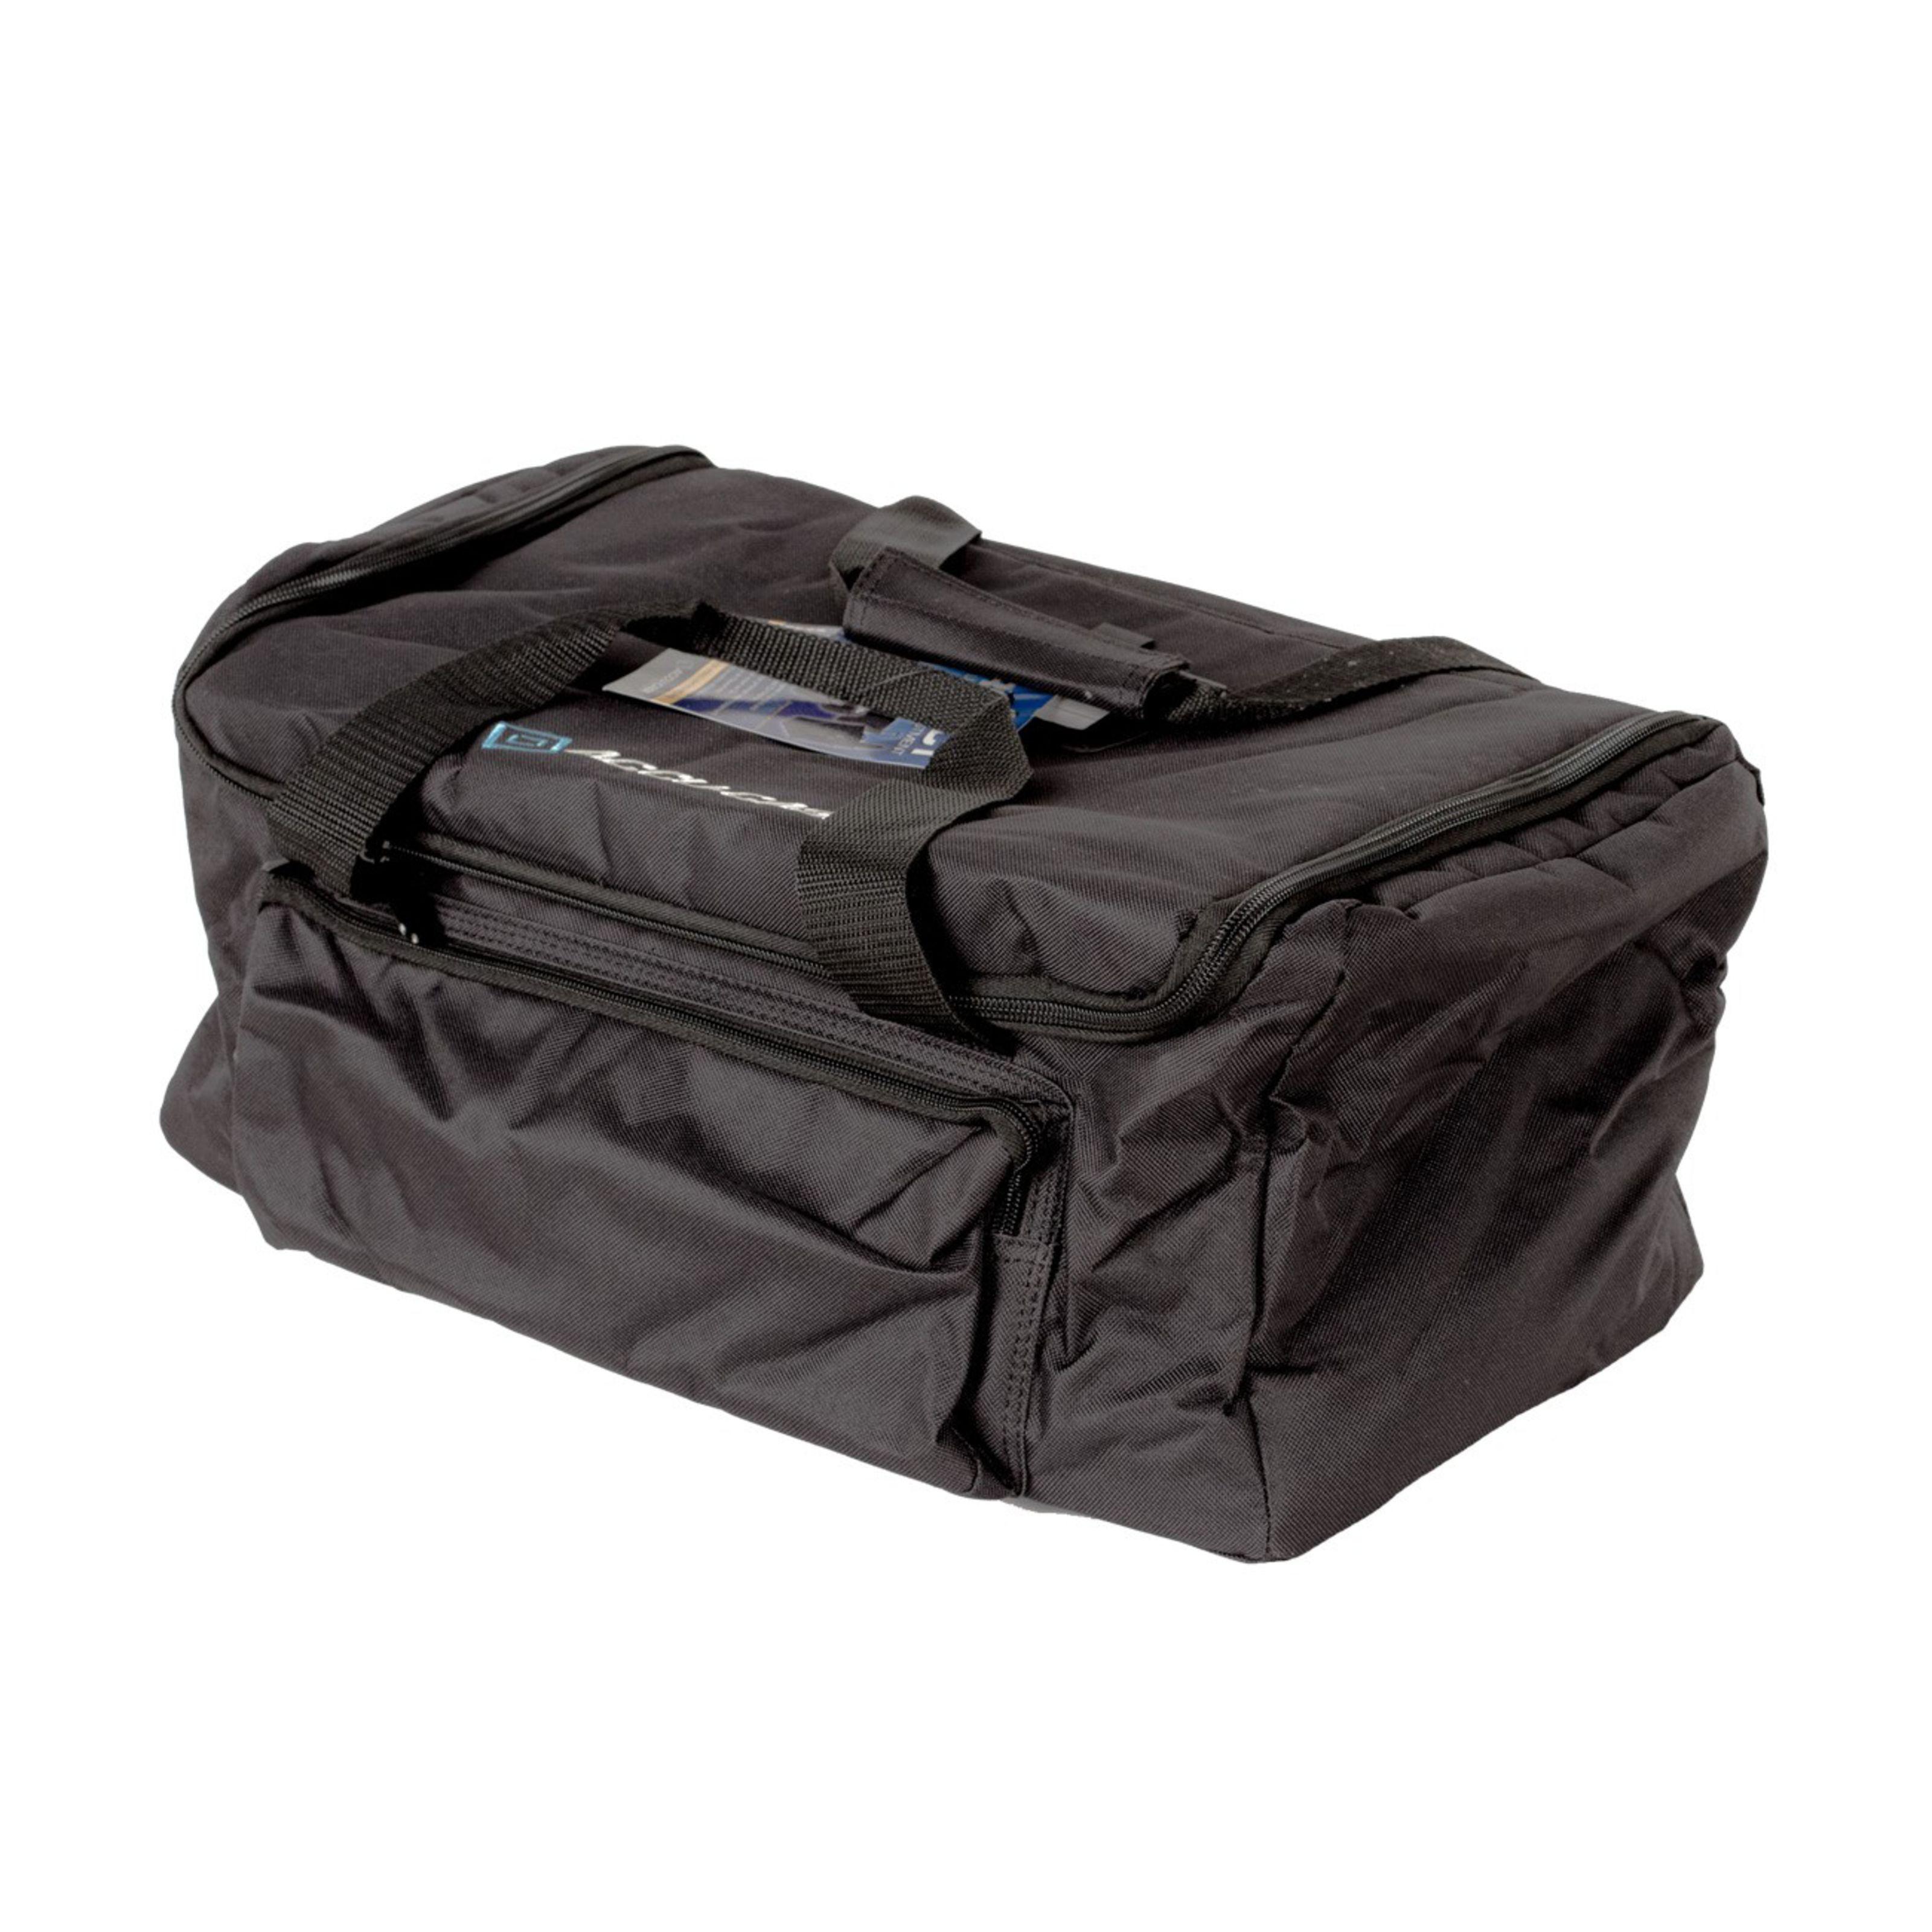 Accu Case - ASC-AC-120 Transporttasche 470 x 220 x 220 mm